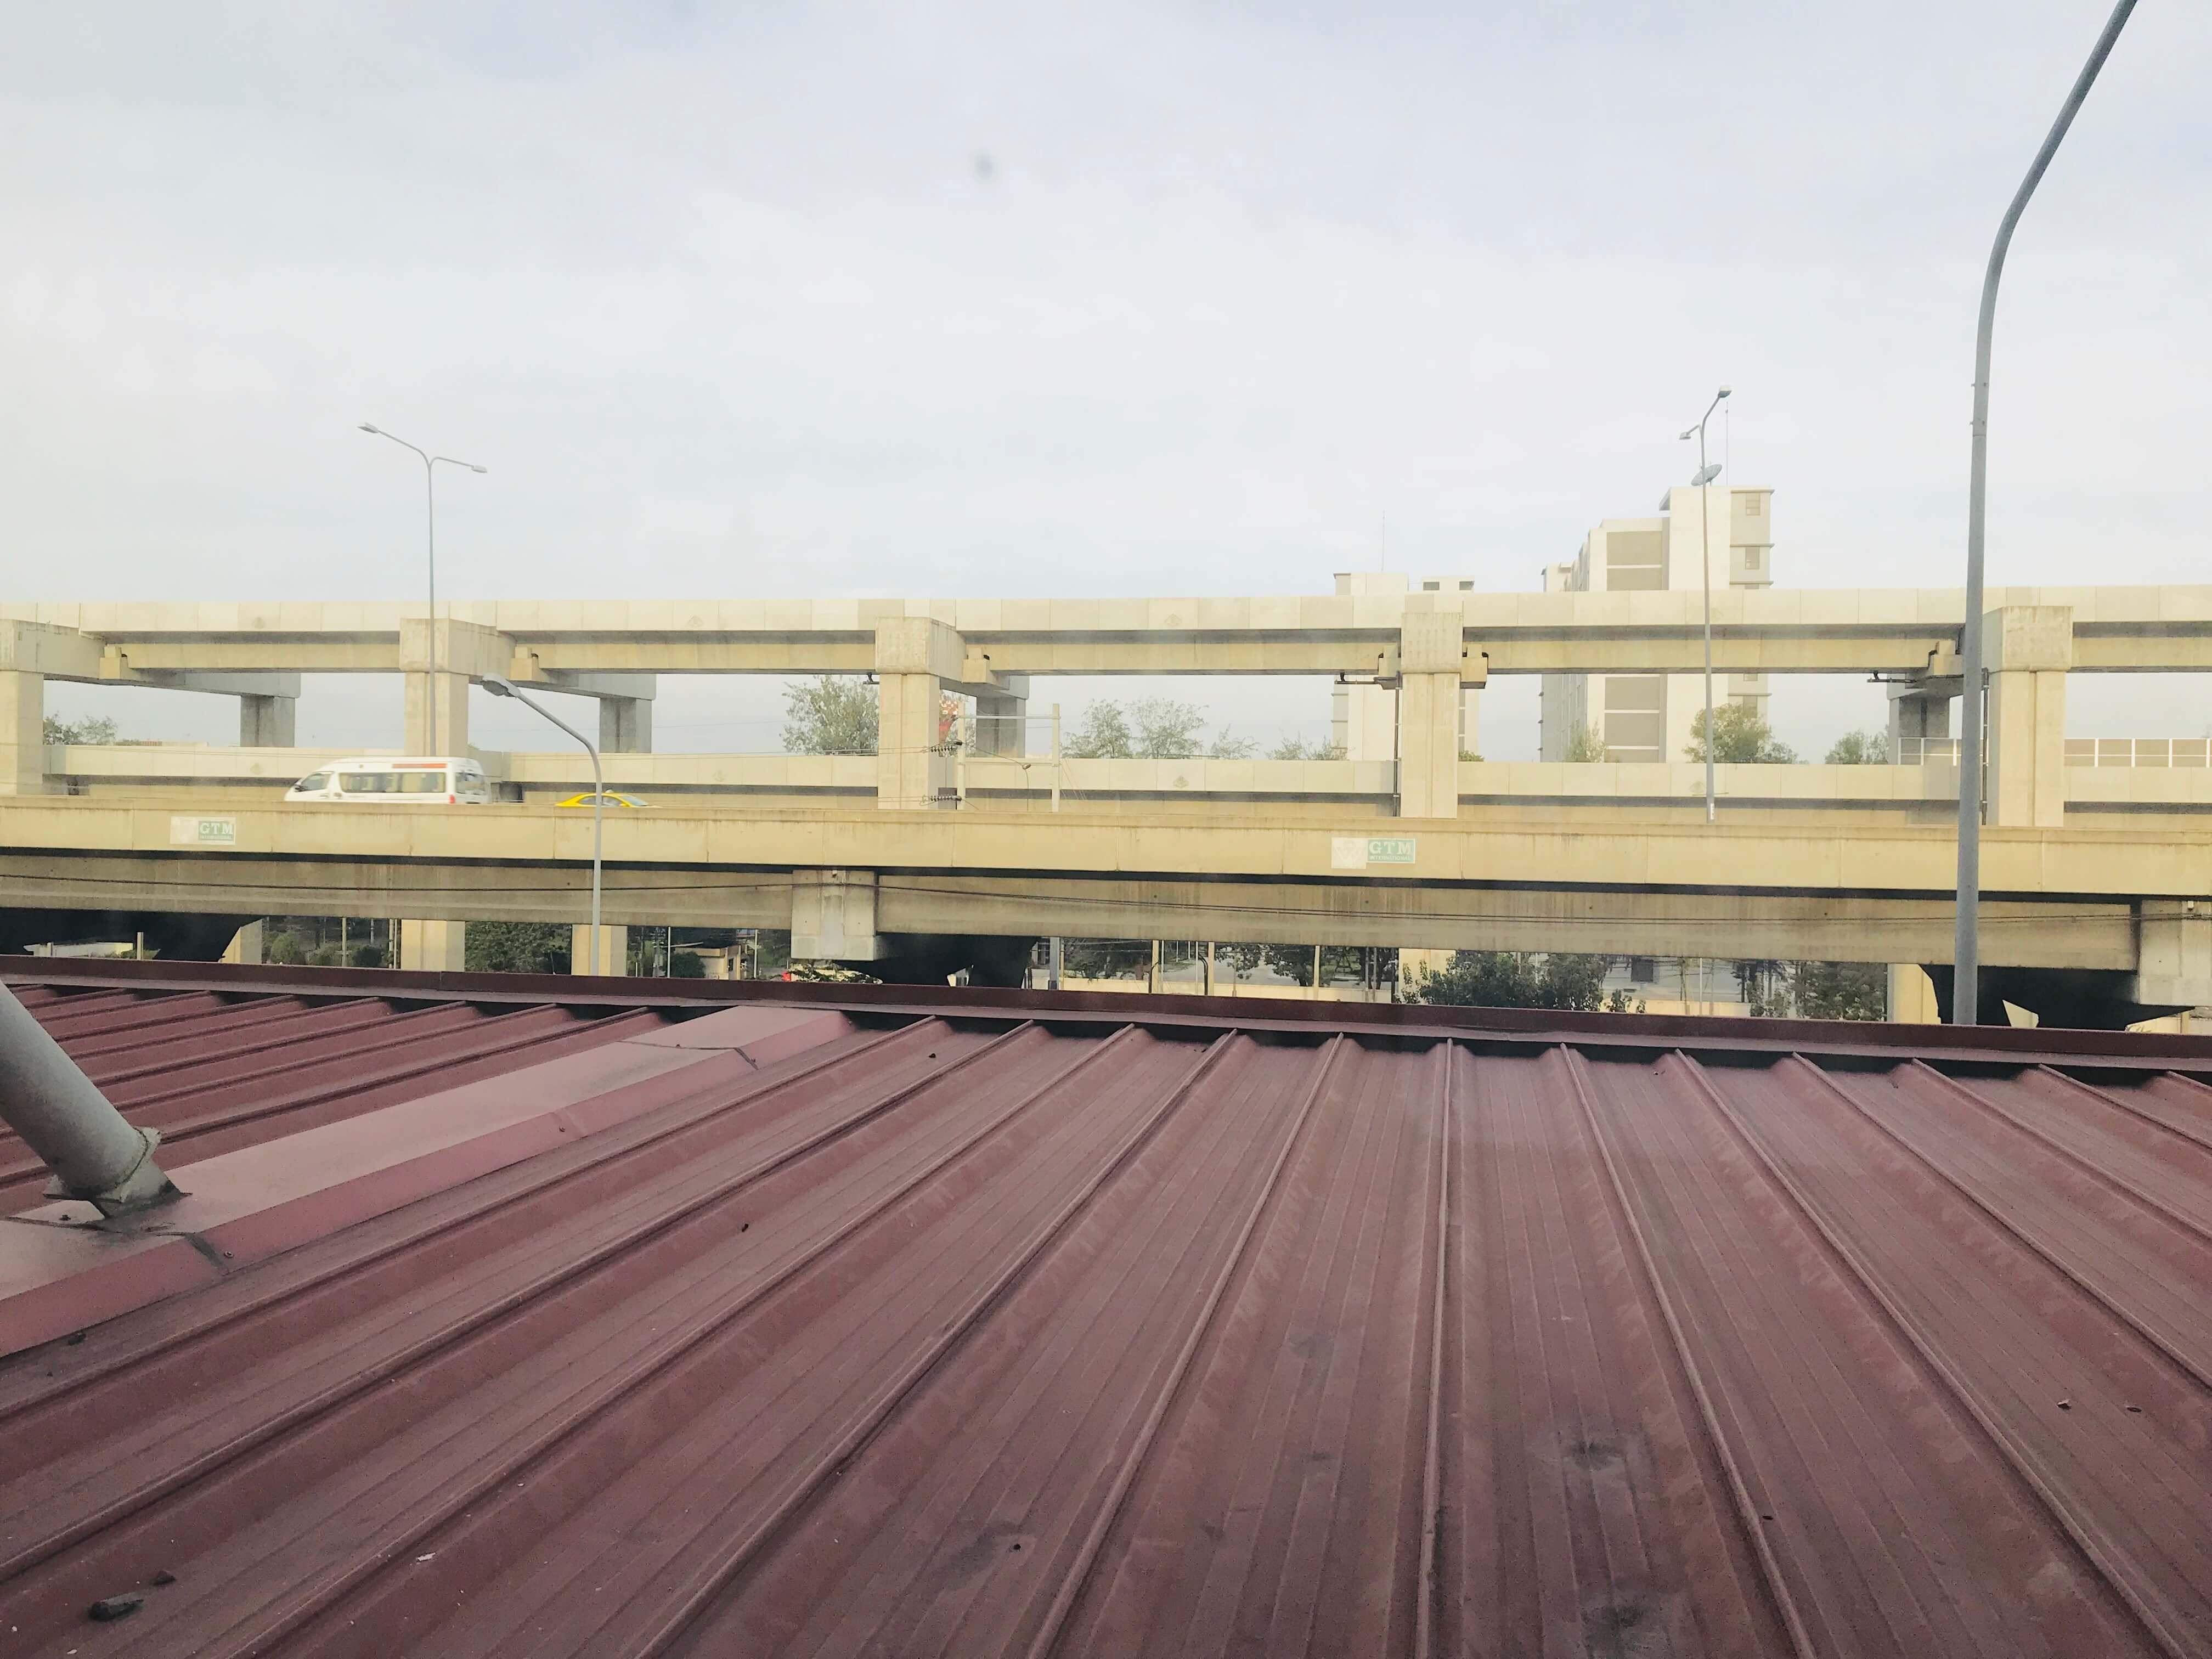 ドンムアン空港 仮眠